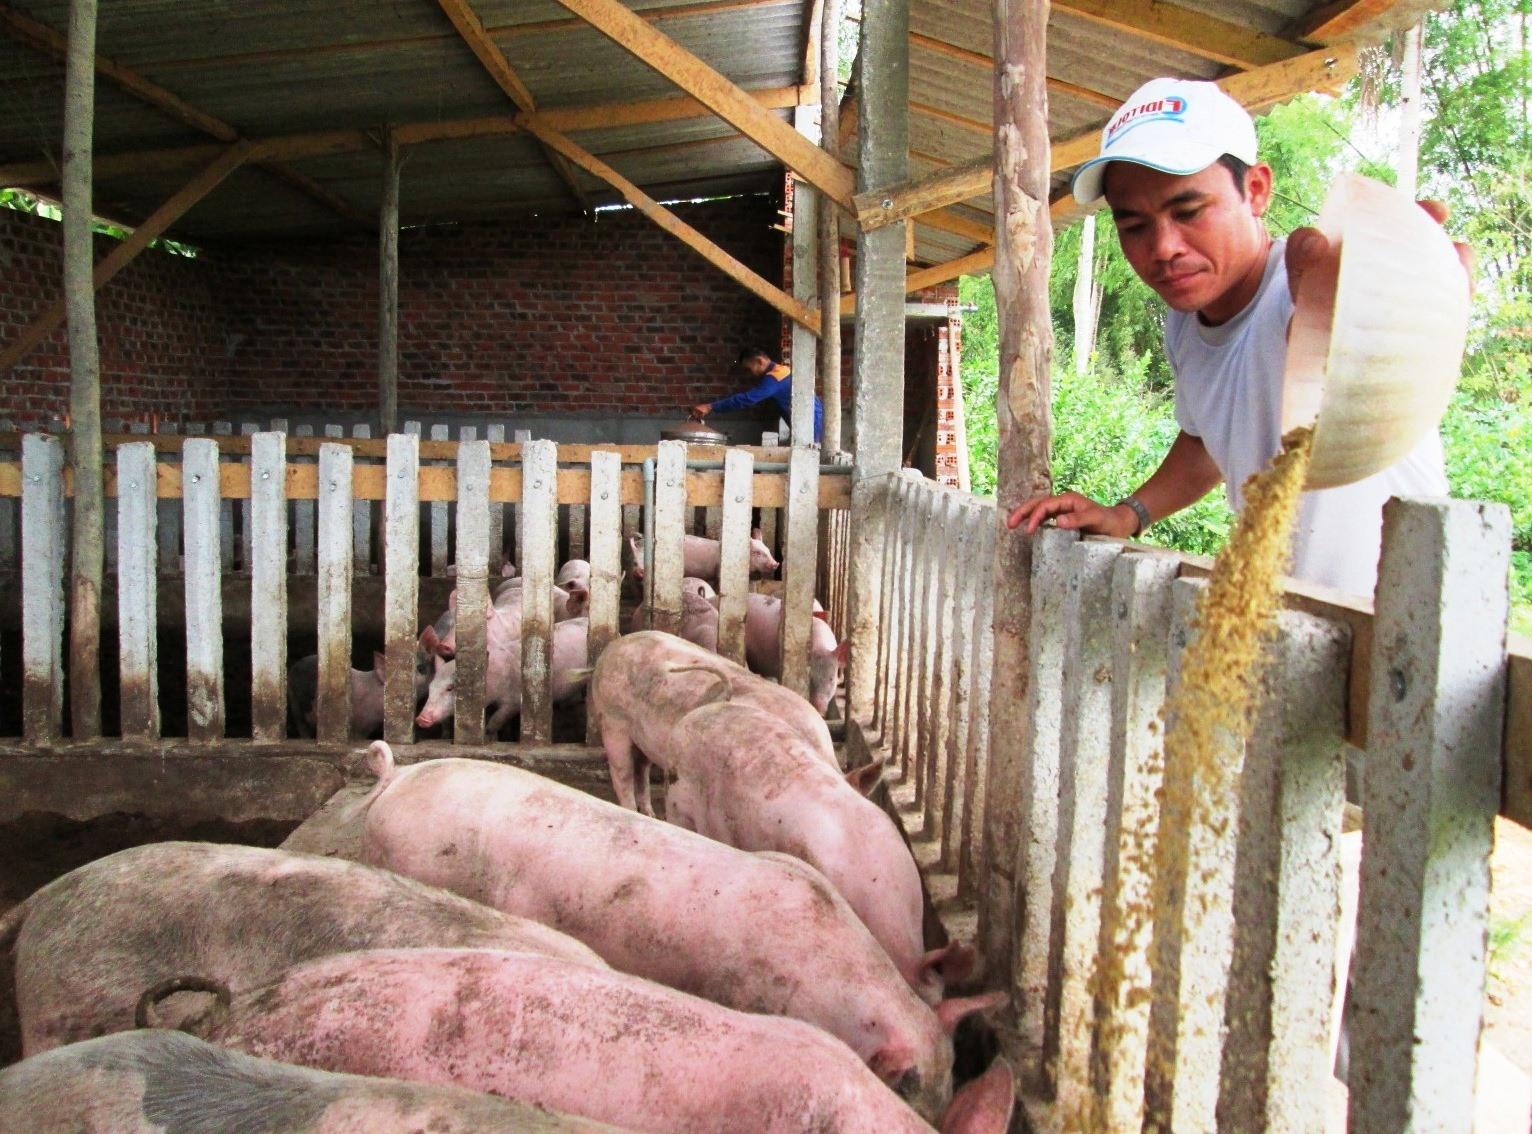 Hiện nay, phần lớn người dân gặp khó khăn về nguồn vốn đầu tư phát triển mô hình kinh tế trang trại. Ảnh: N.S